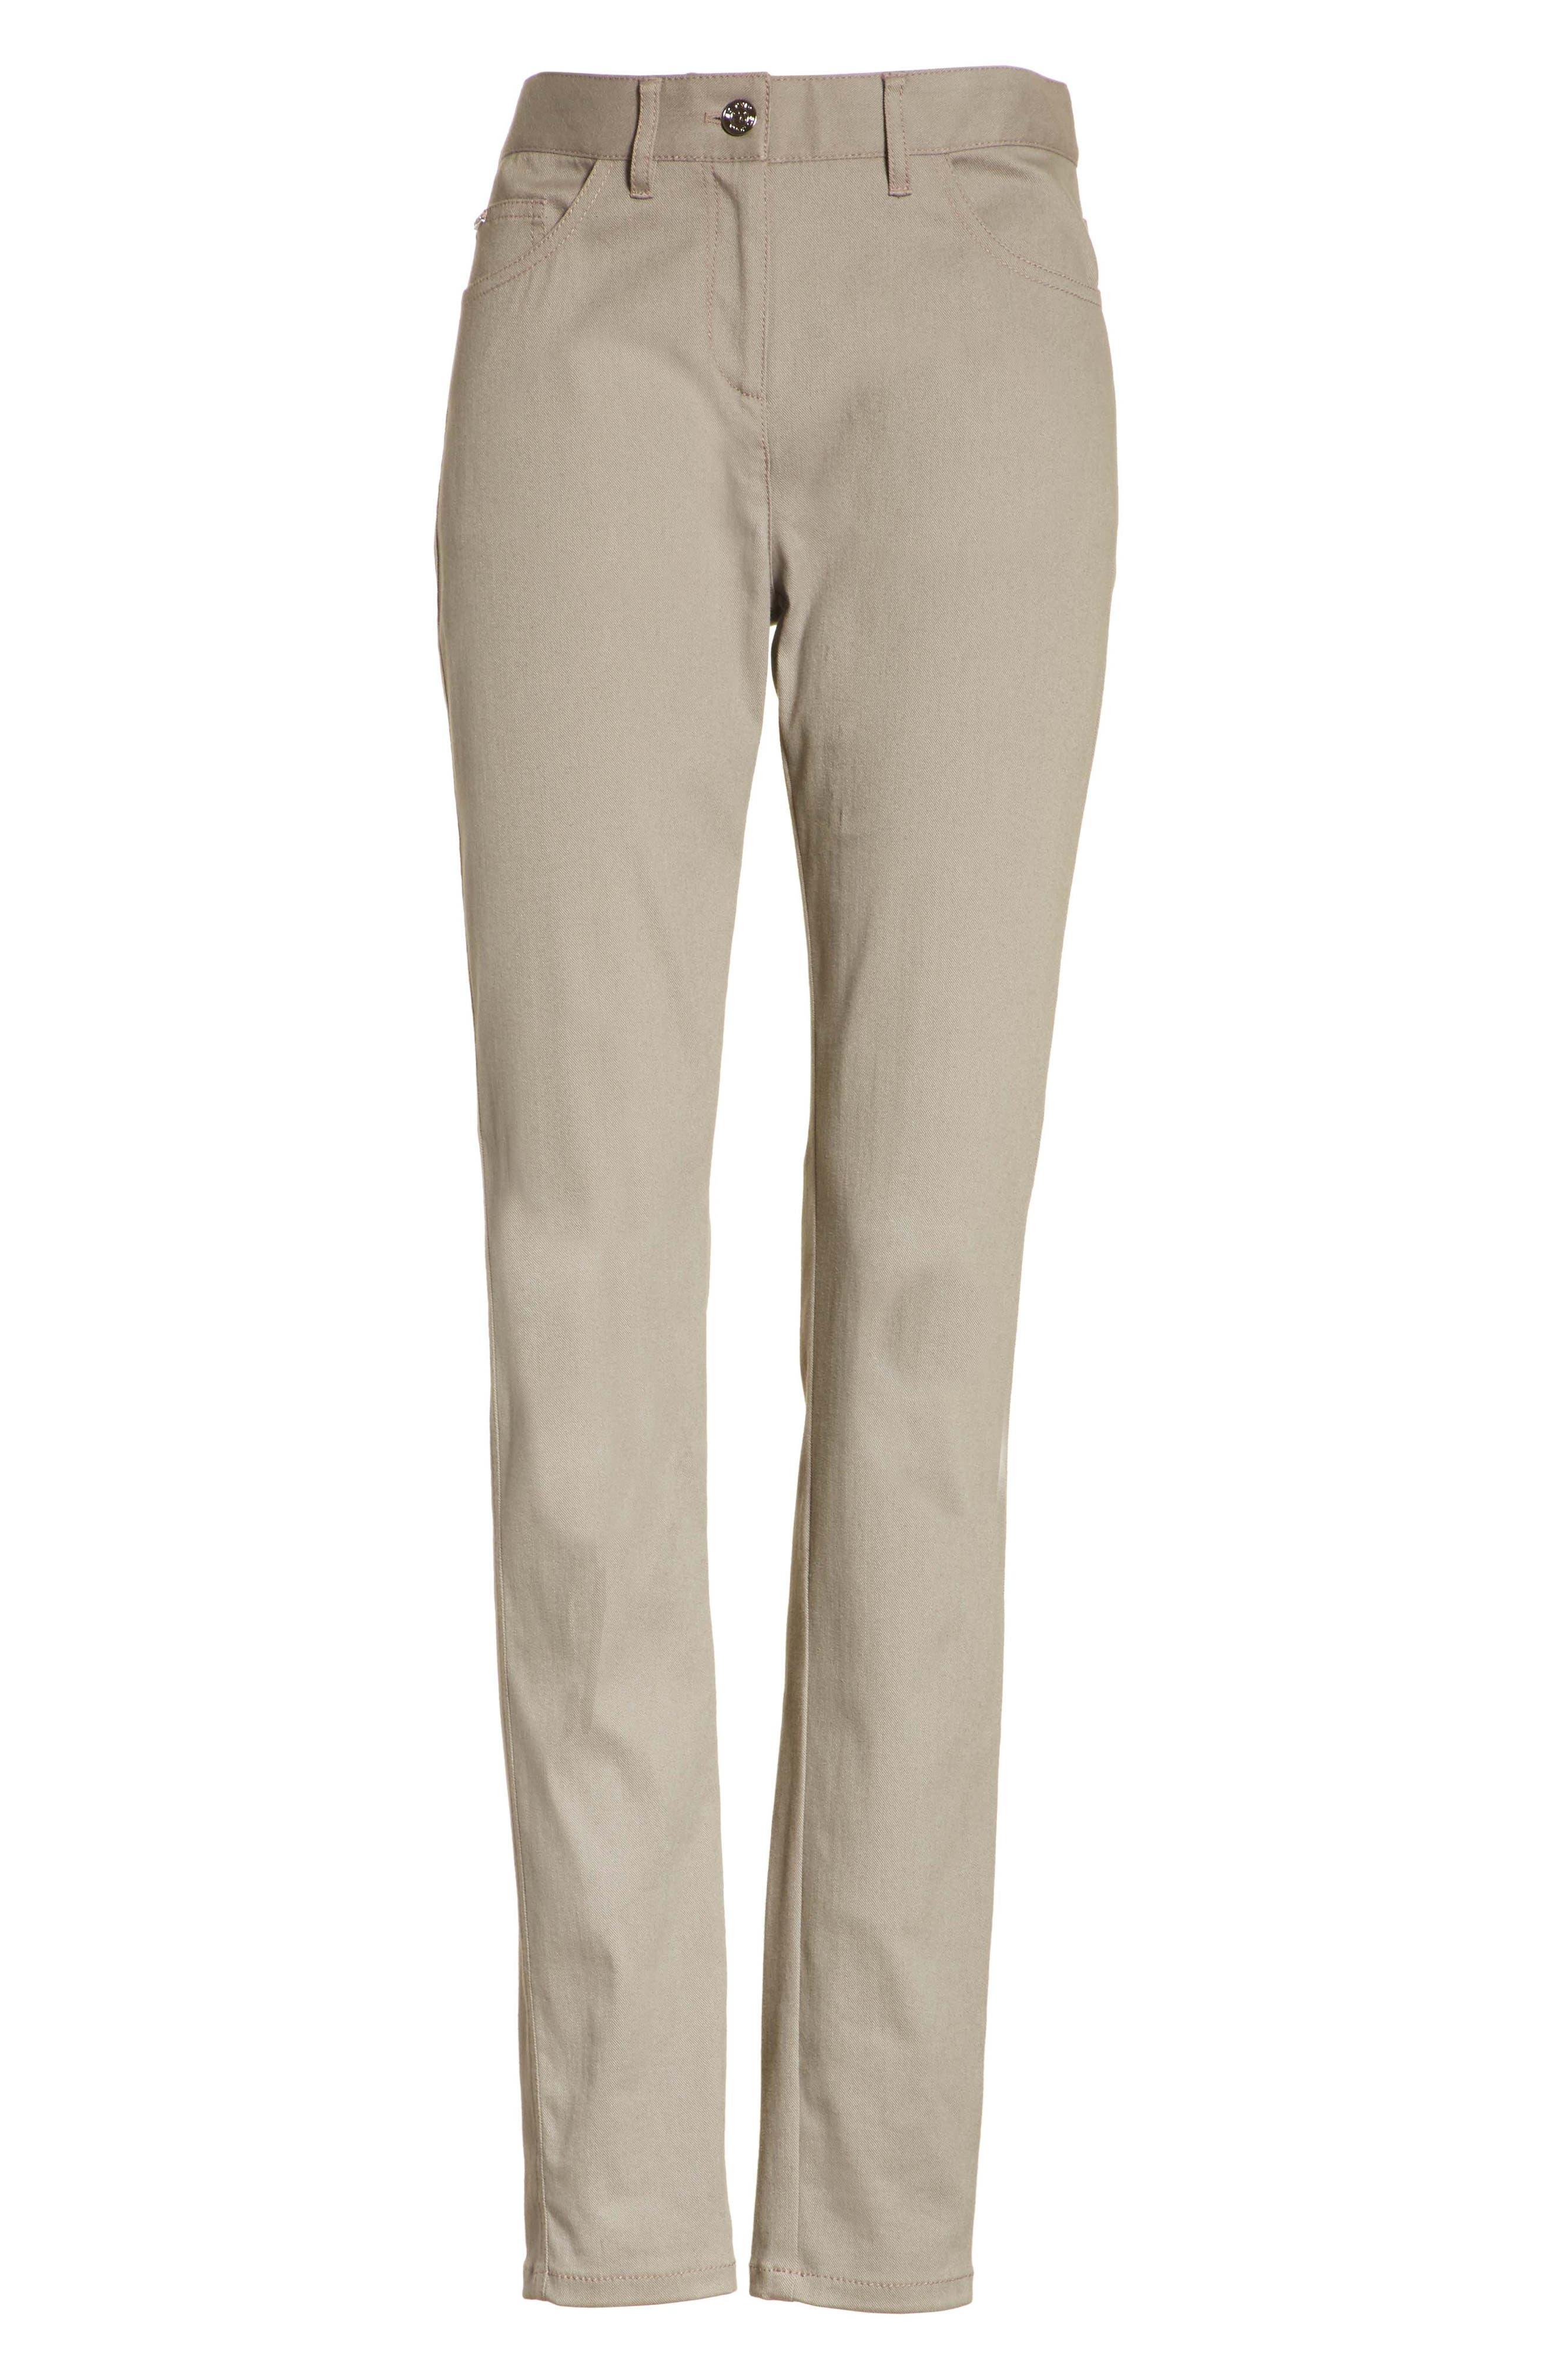 Bardot Double Dye Stretch Jeans,                             Alternate thumbnail 6, color,                             Travertine